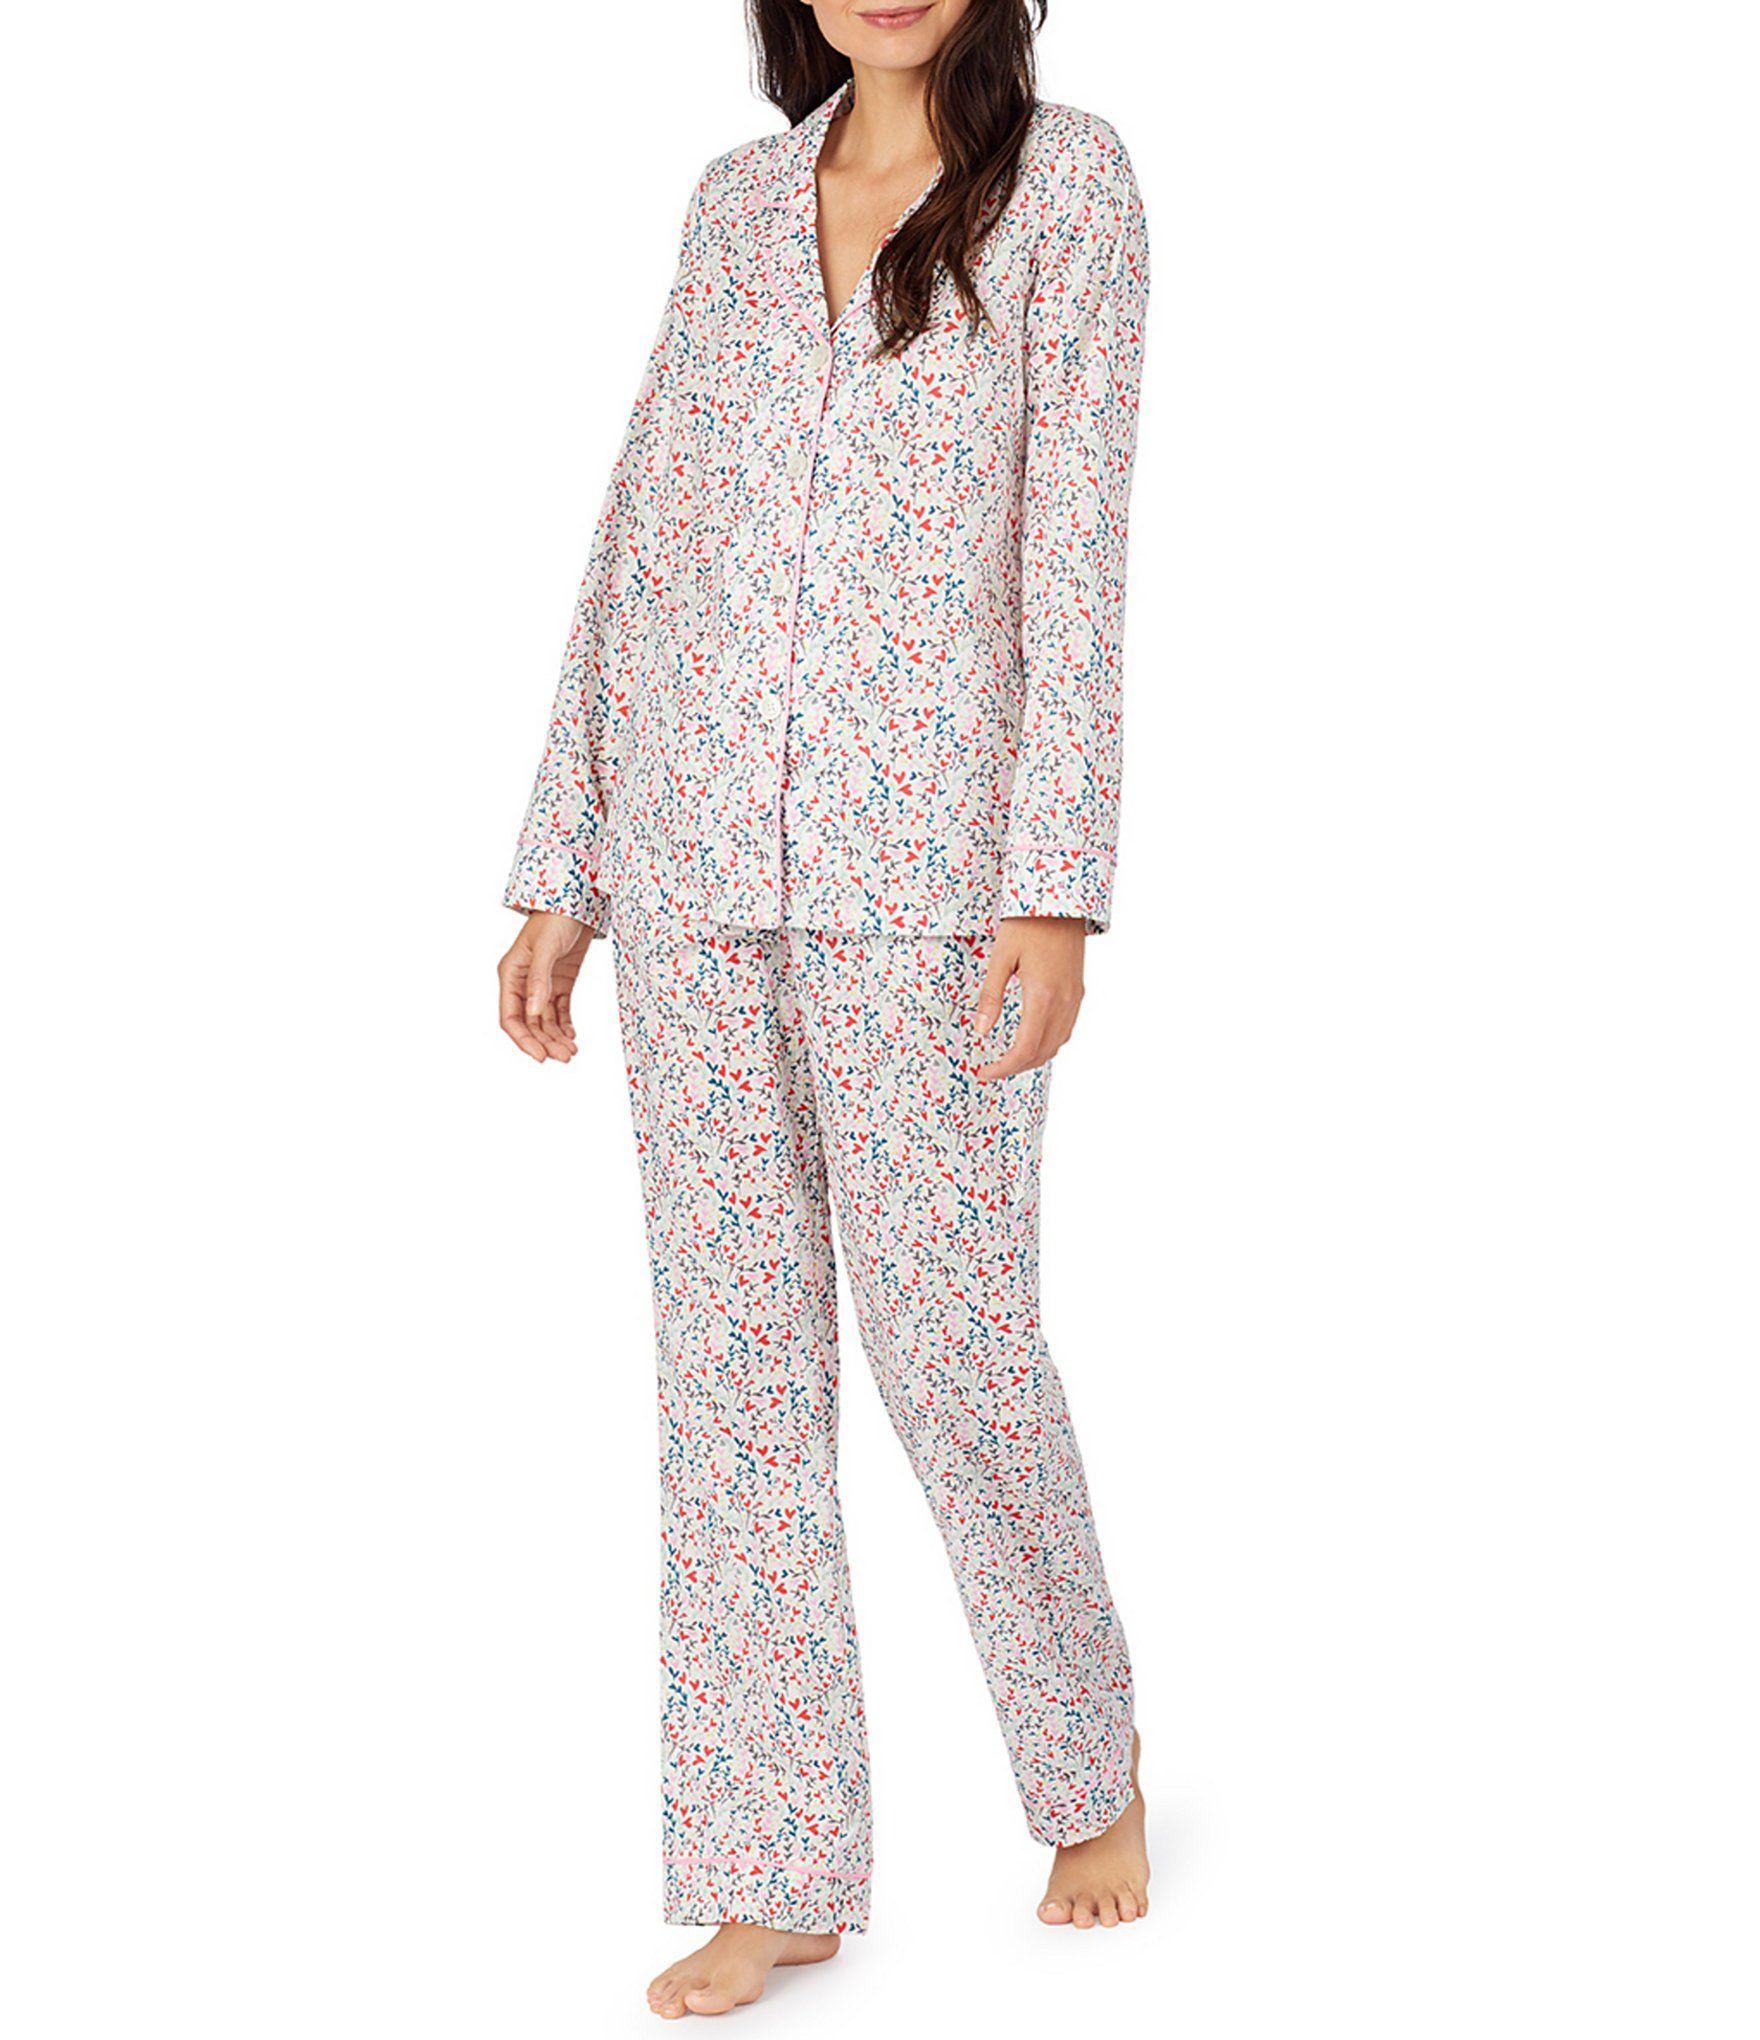 Bedhead Pajamas Printed Classic Woven Lawn Pajama Set Multi Xl In 2020 Pajamas Women Long Sleeve Pyjamas Bedhead Pajamas